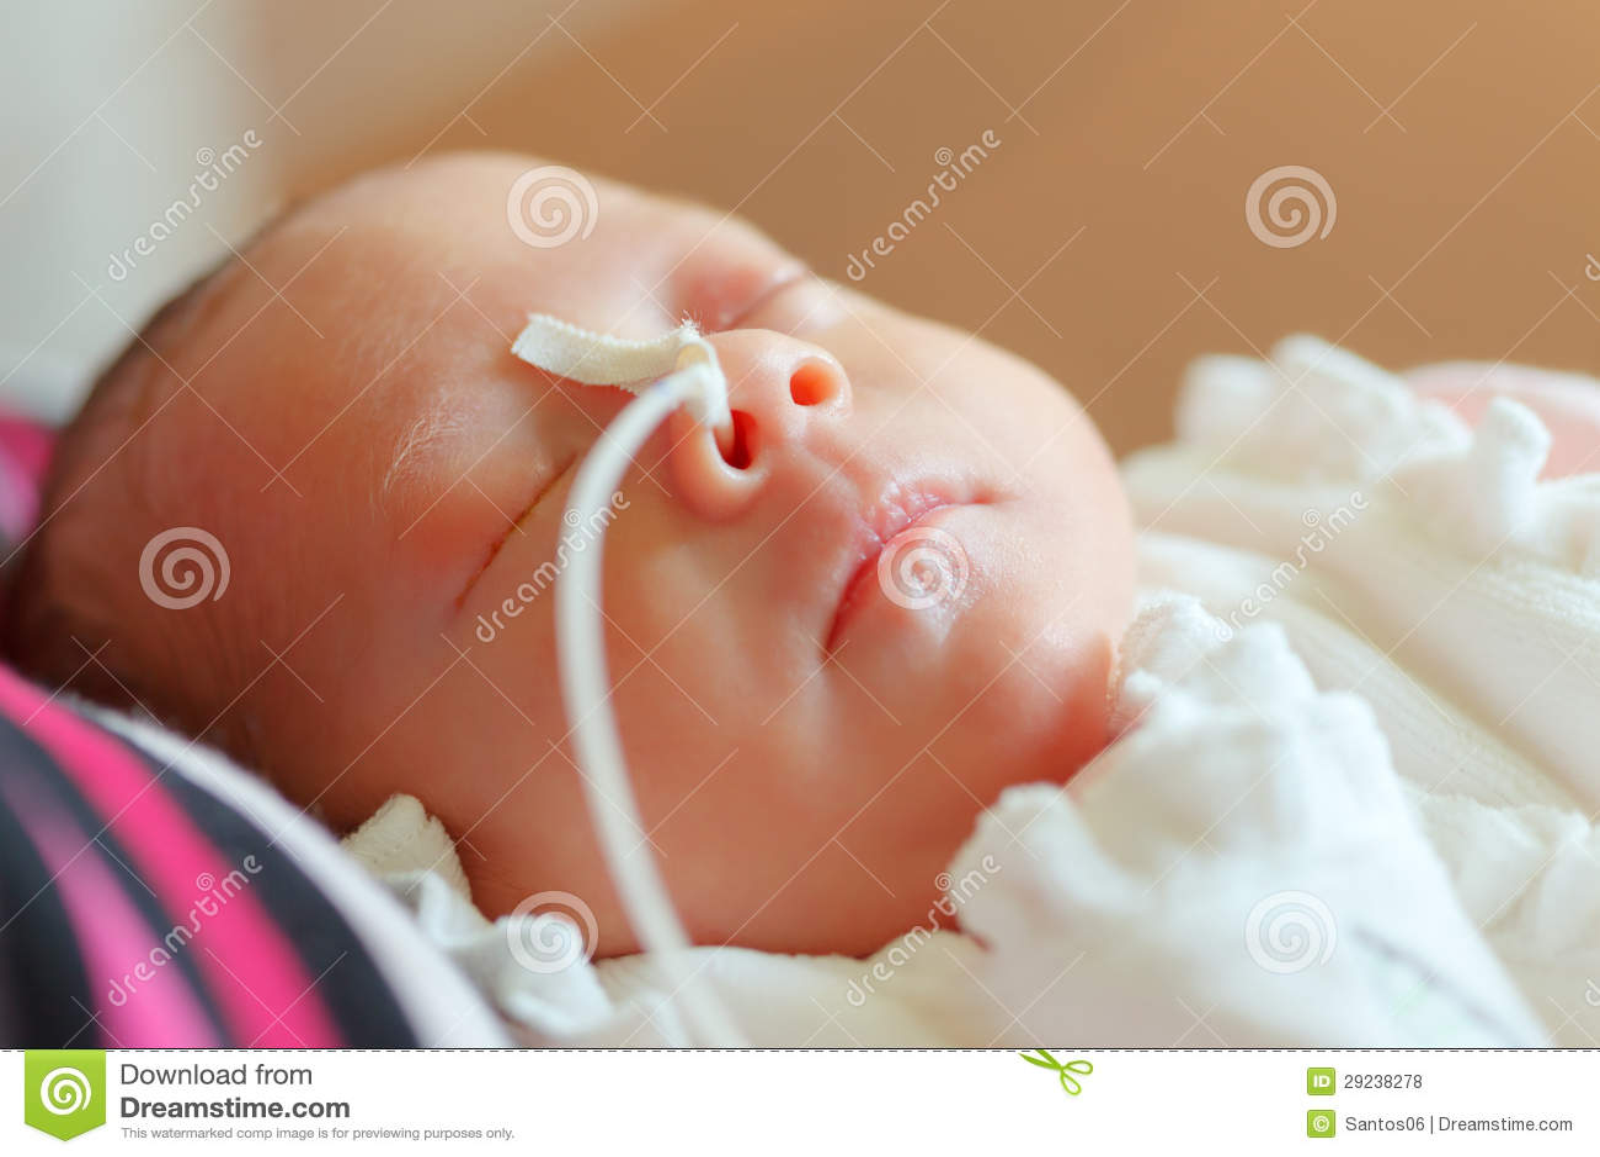 Download Infante prematuro foto de stock. Imagem de newborn, mão - 29238278